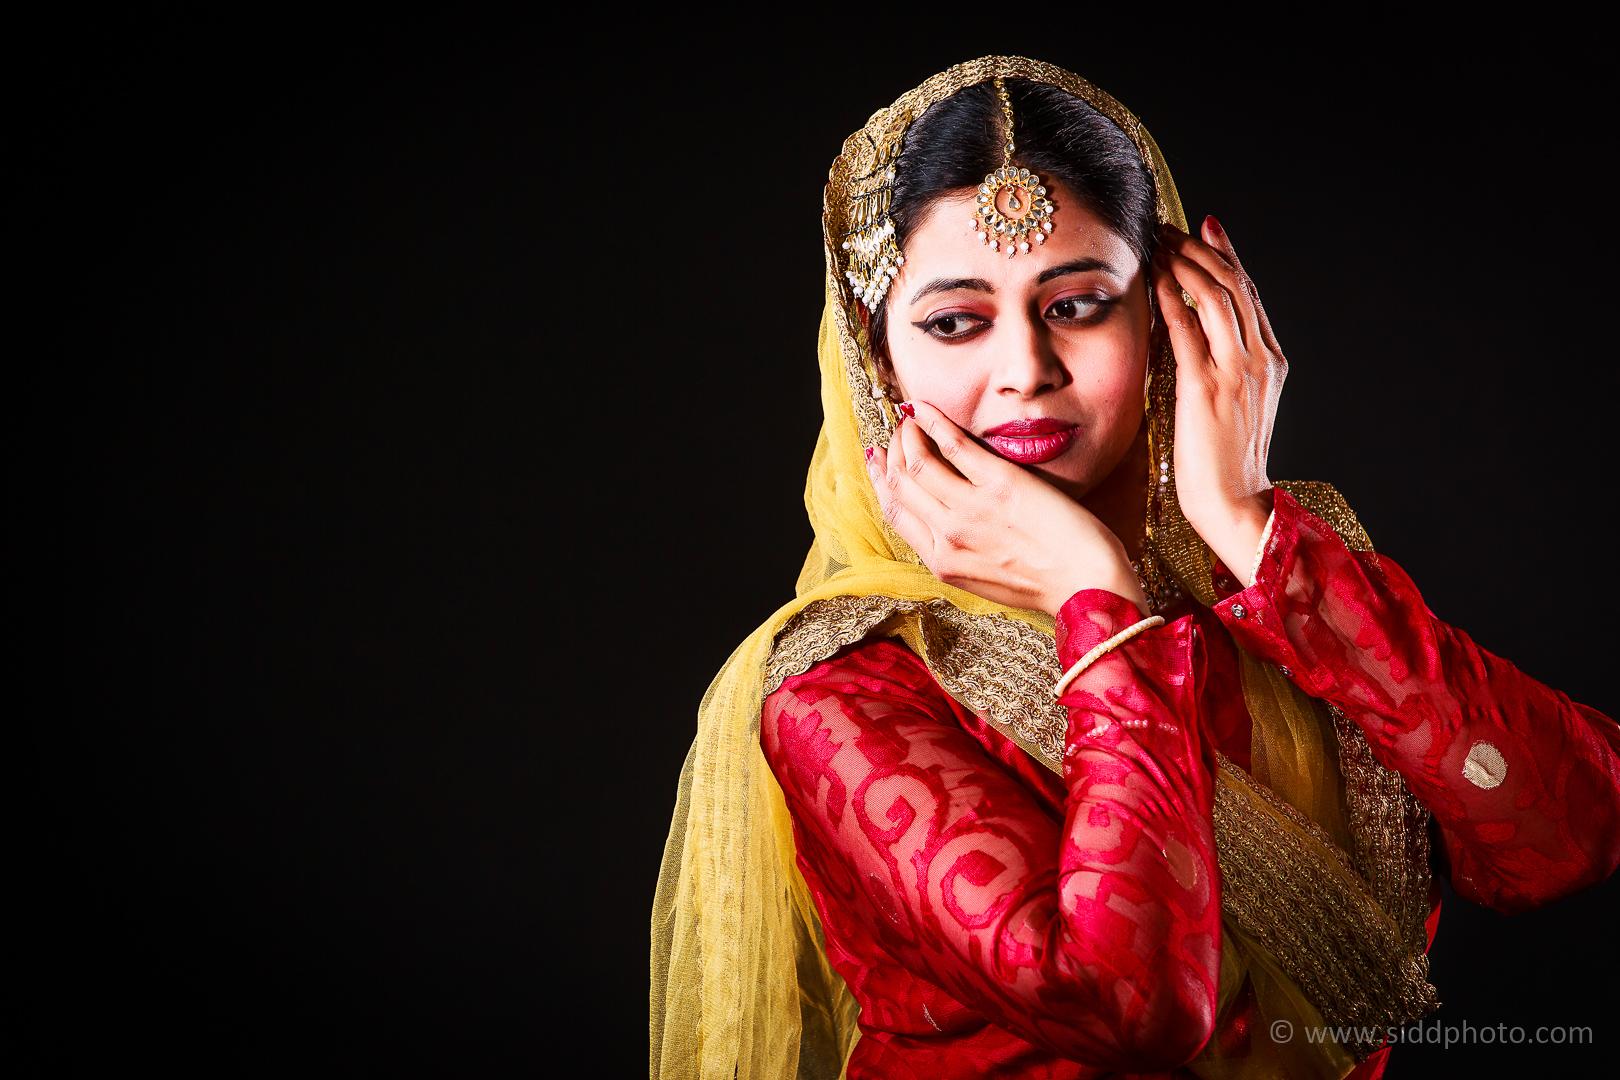 2012-04-21 - Antara Dutta Katthak Photoshoot - EO5C9849-01